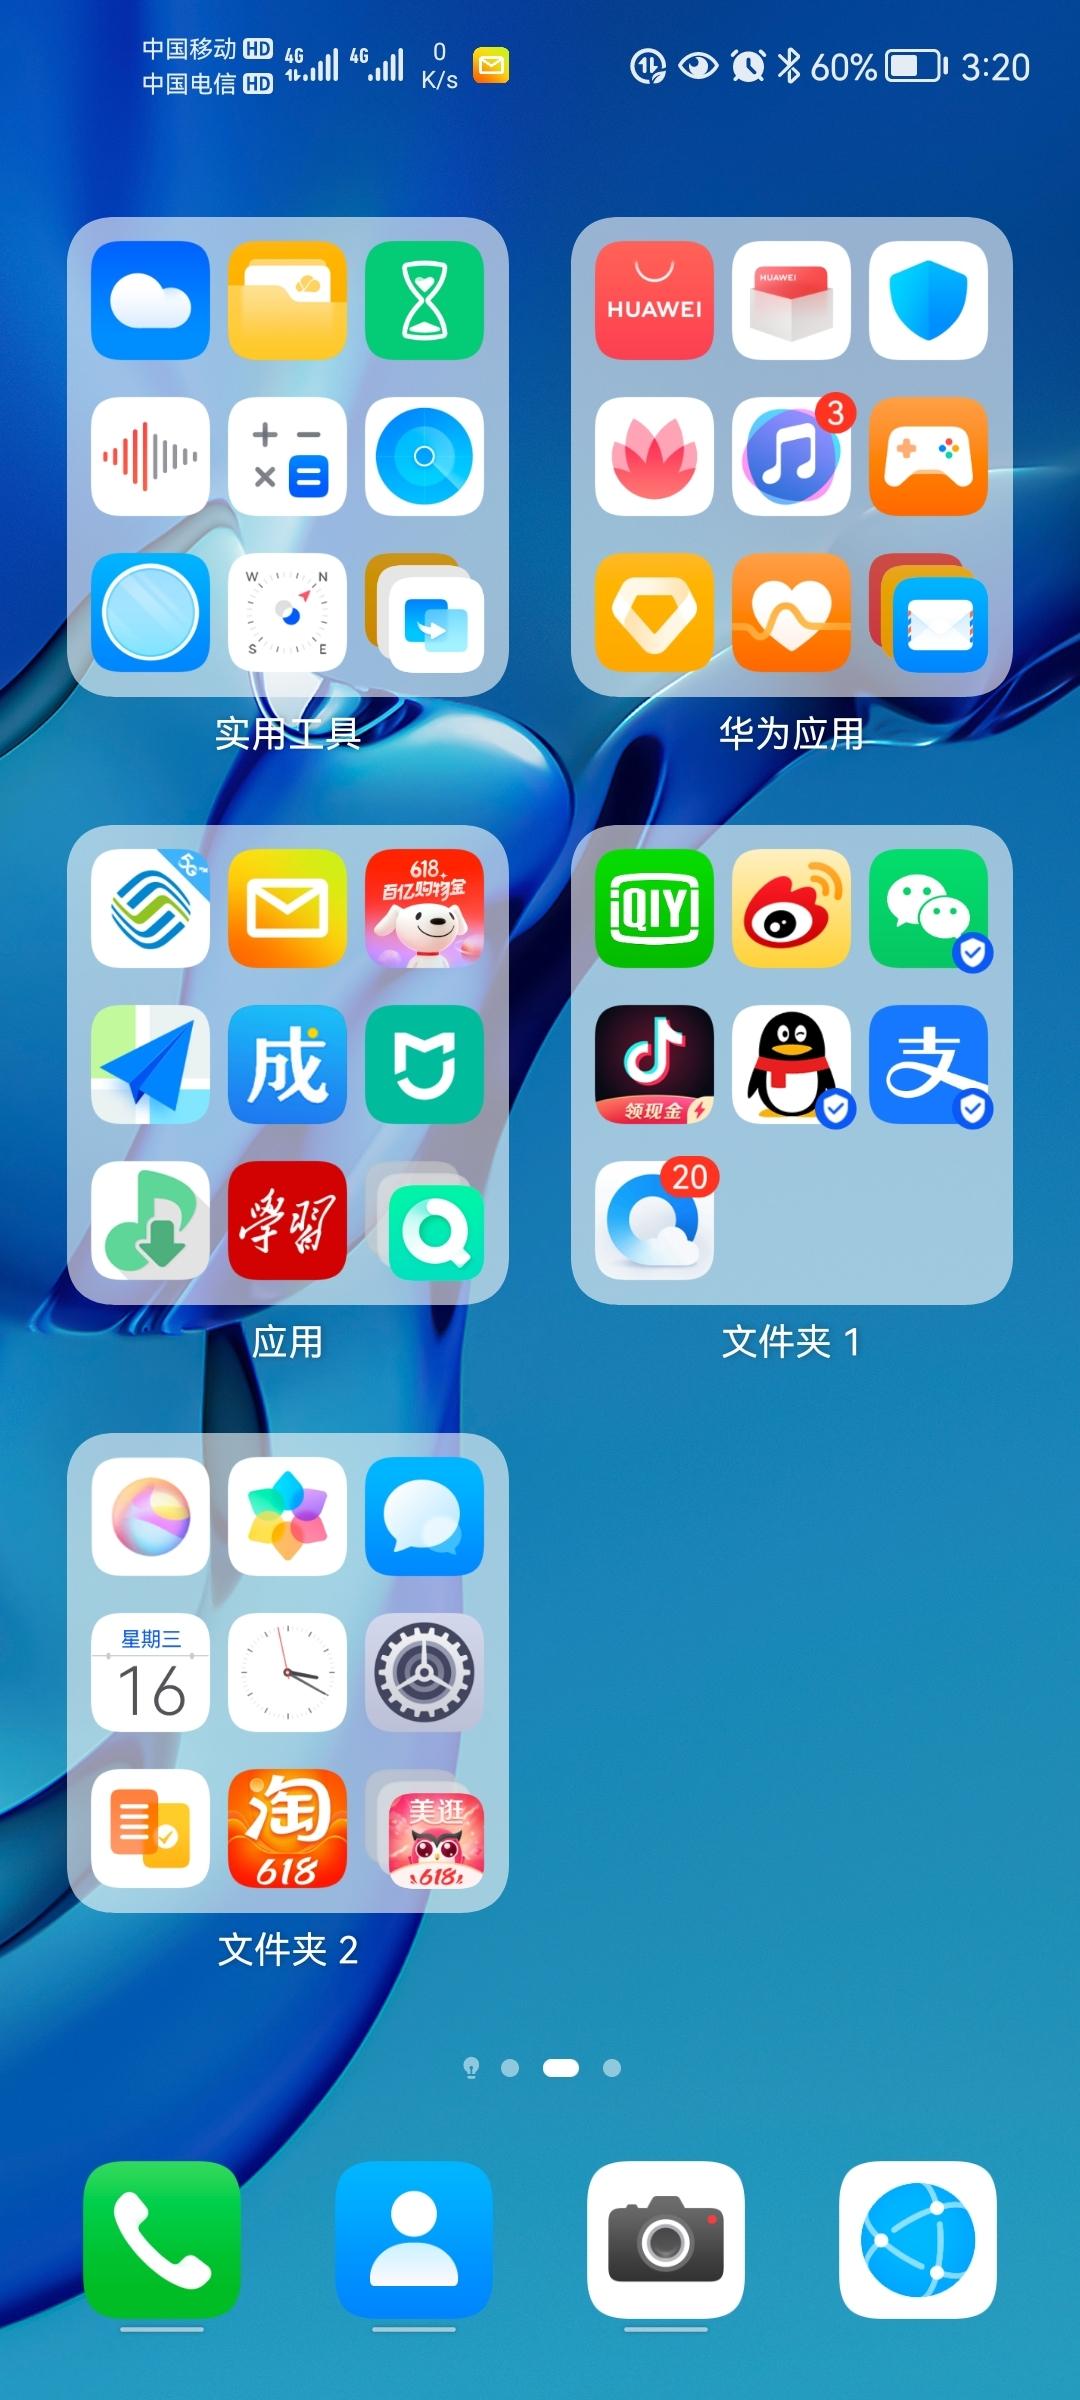 Screenshot_20210616_152059_com.huawei.android.launcher.jpg